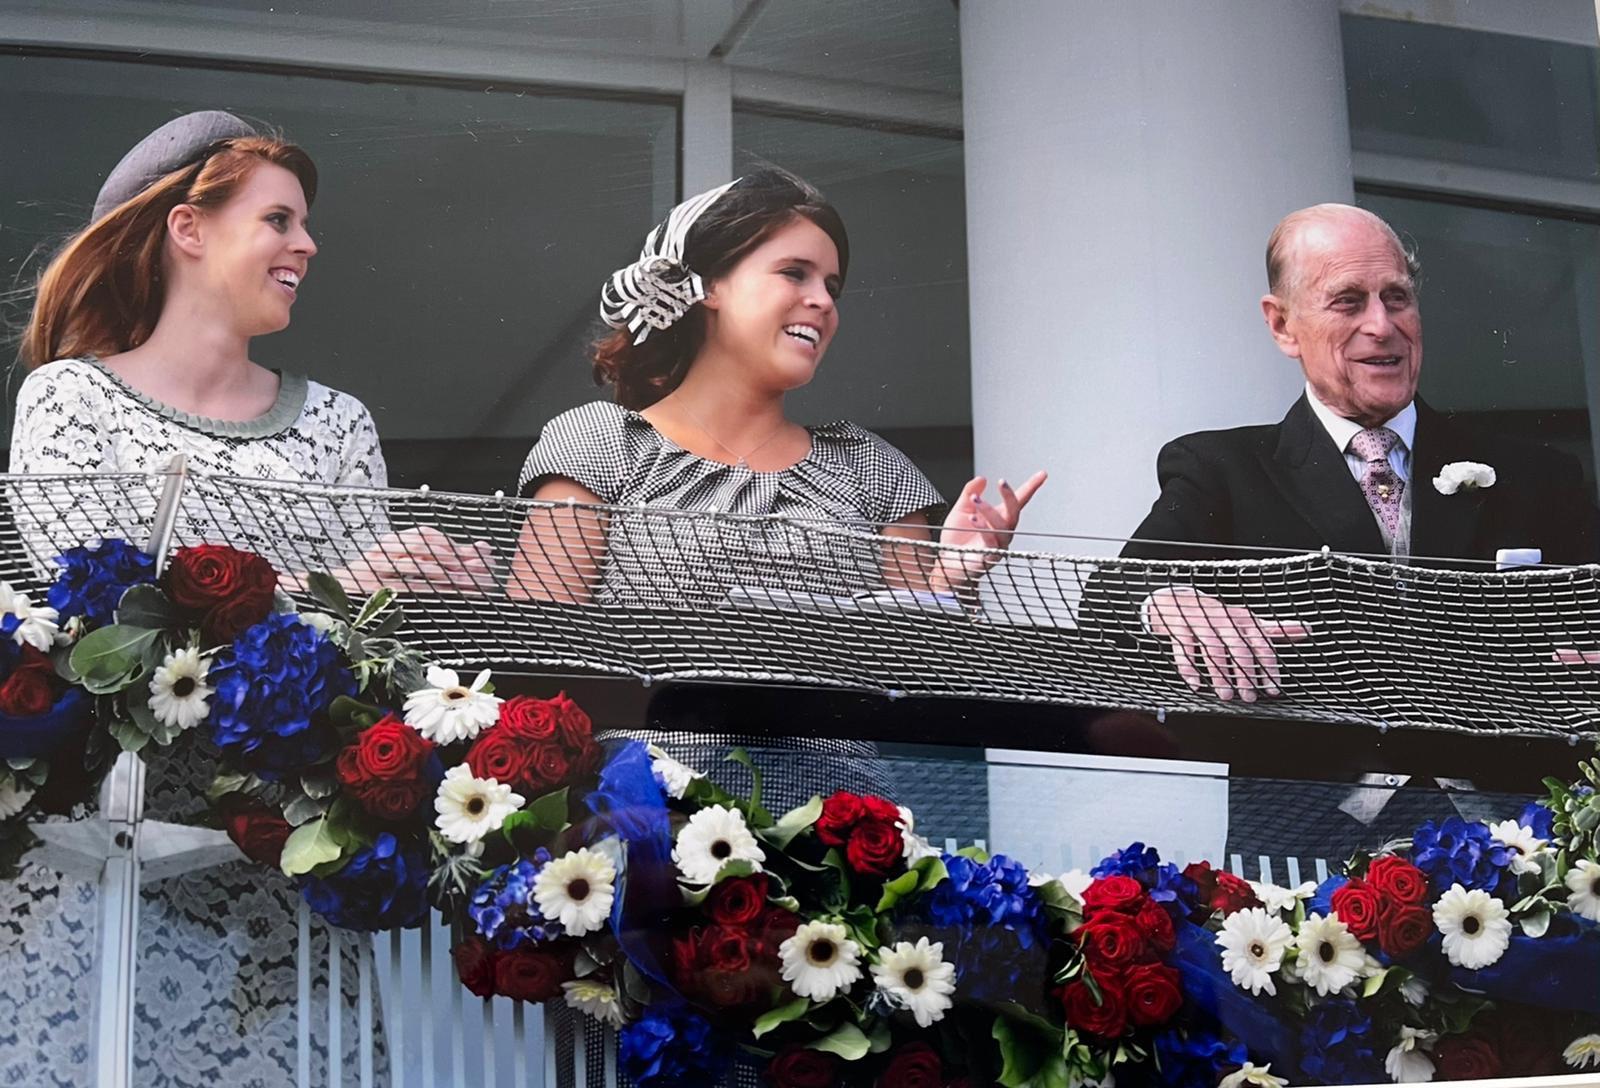 Букингемский дворец опубликовал редкие семейные фото с принцем Филиппом - фото 4